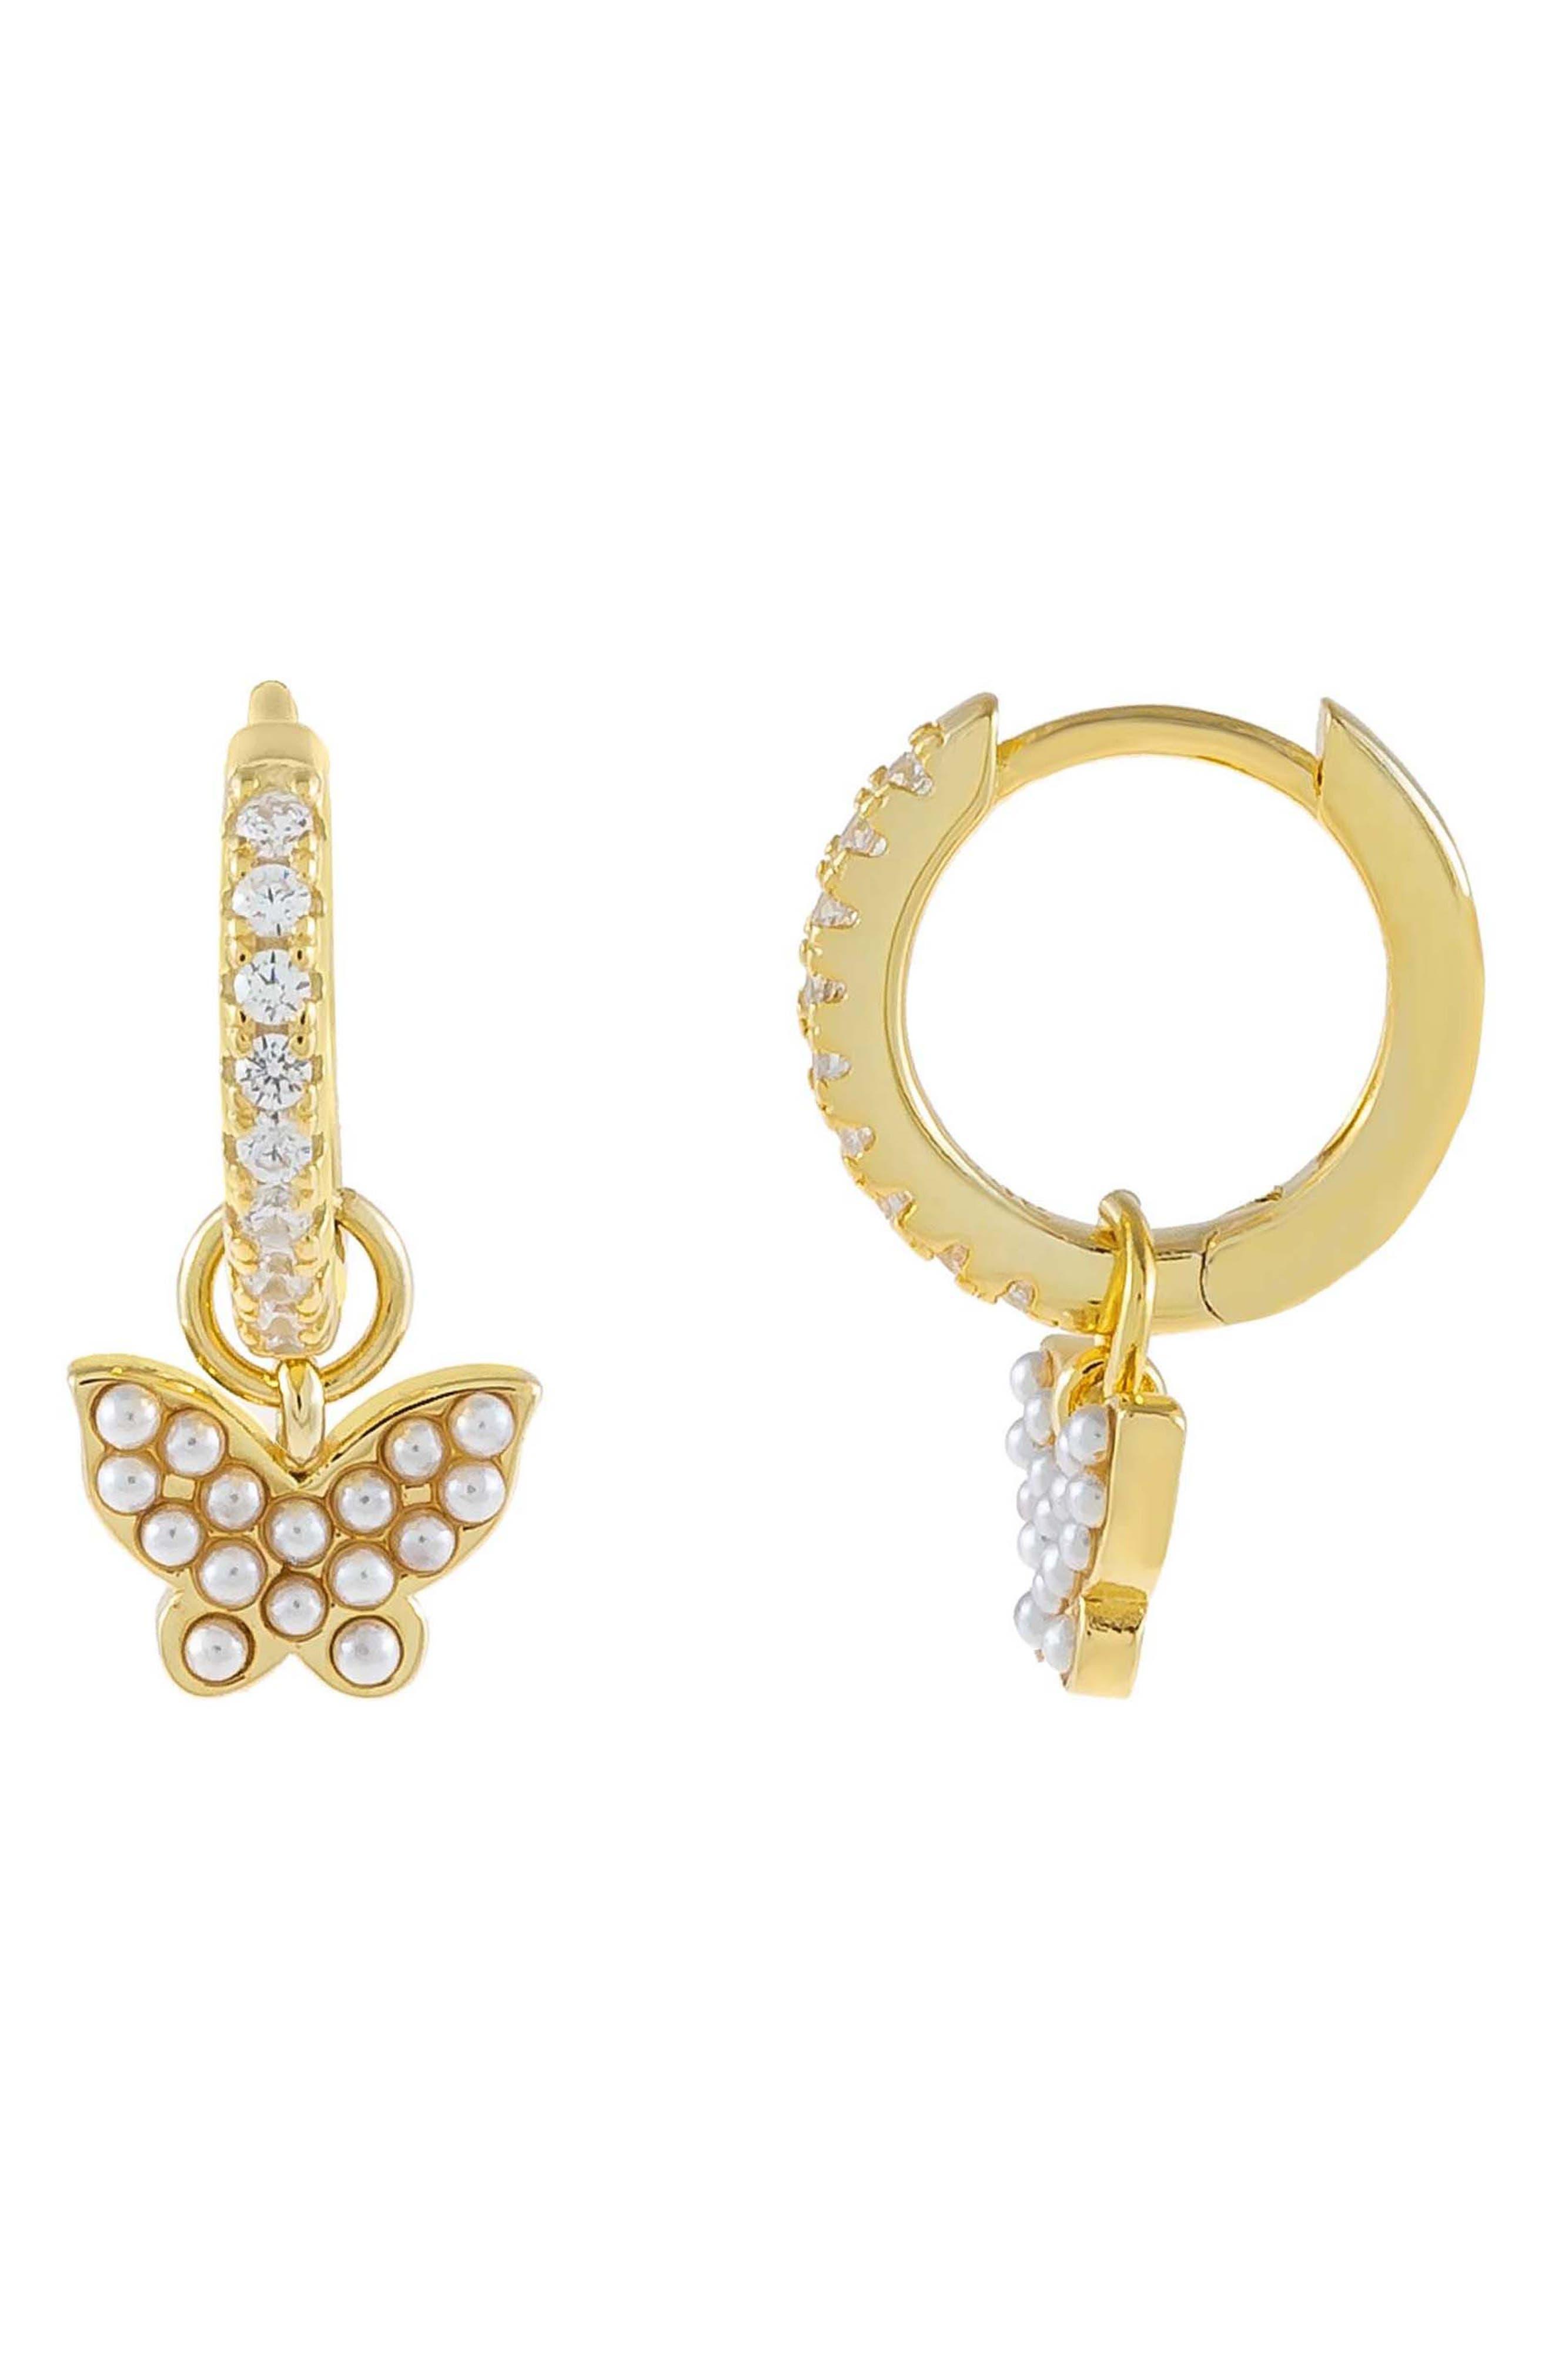 Women's Adina's Jewels Cubic Zirconia Butterfly Huggie Hoop Earrings